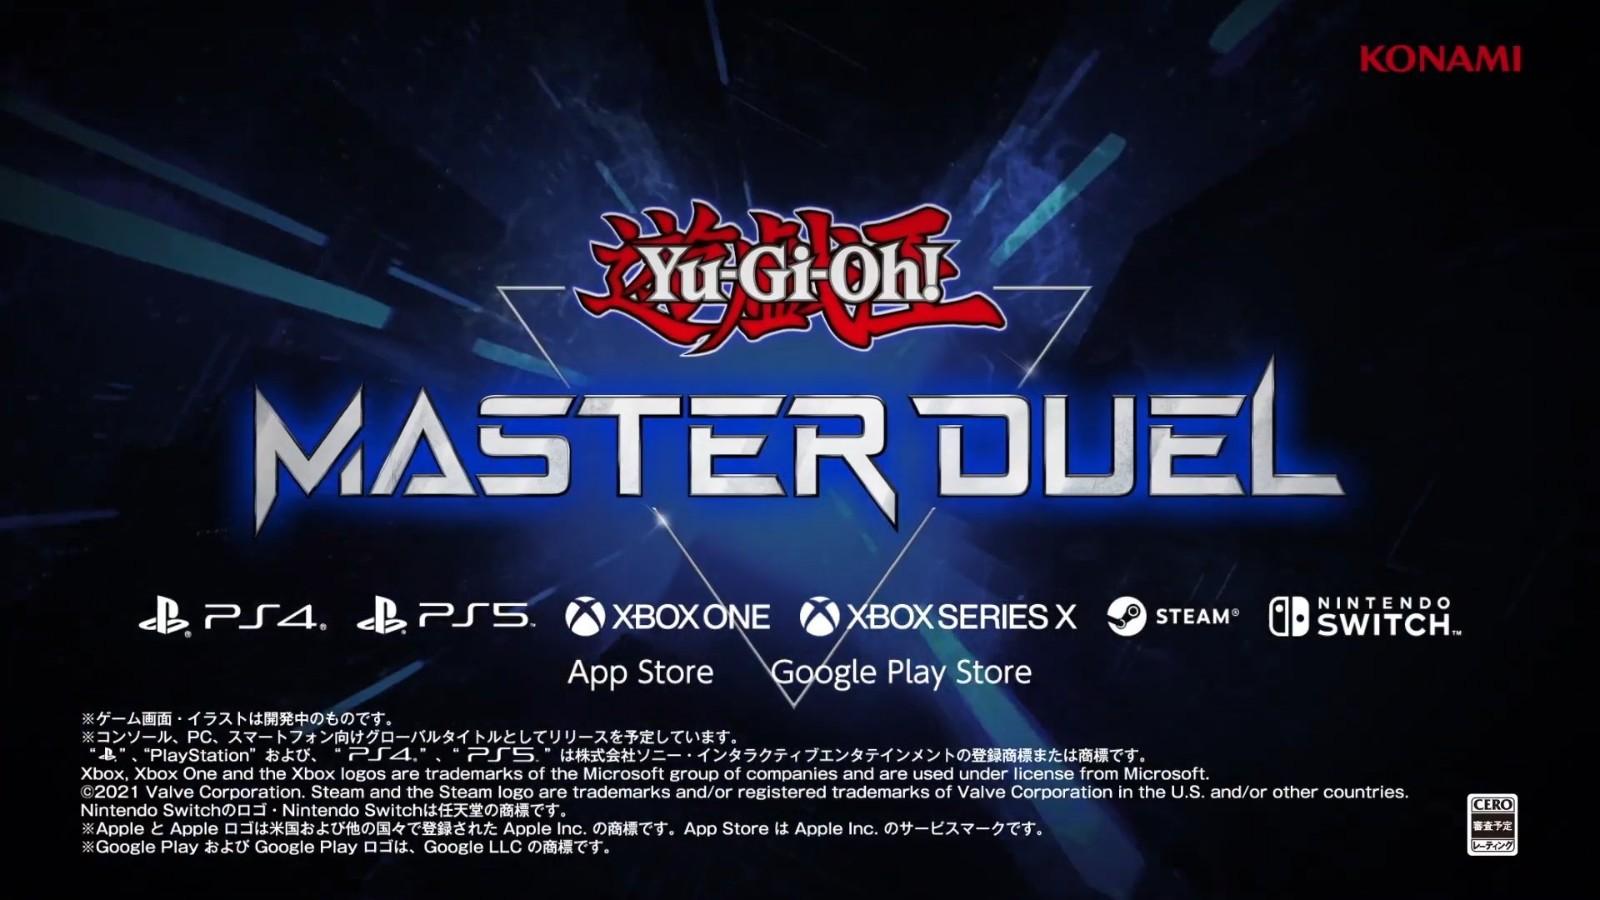 Konmai公布《游戏王:大师对决》和新手游